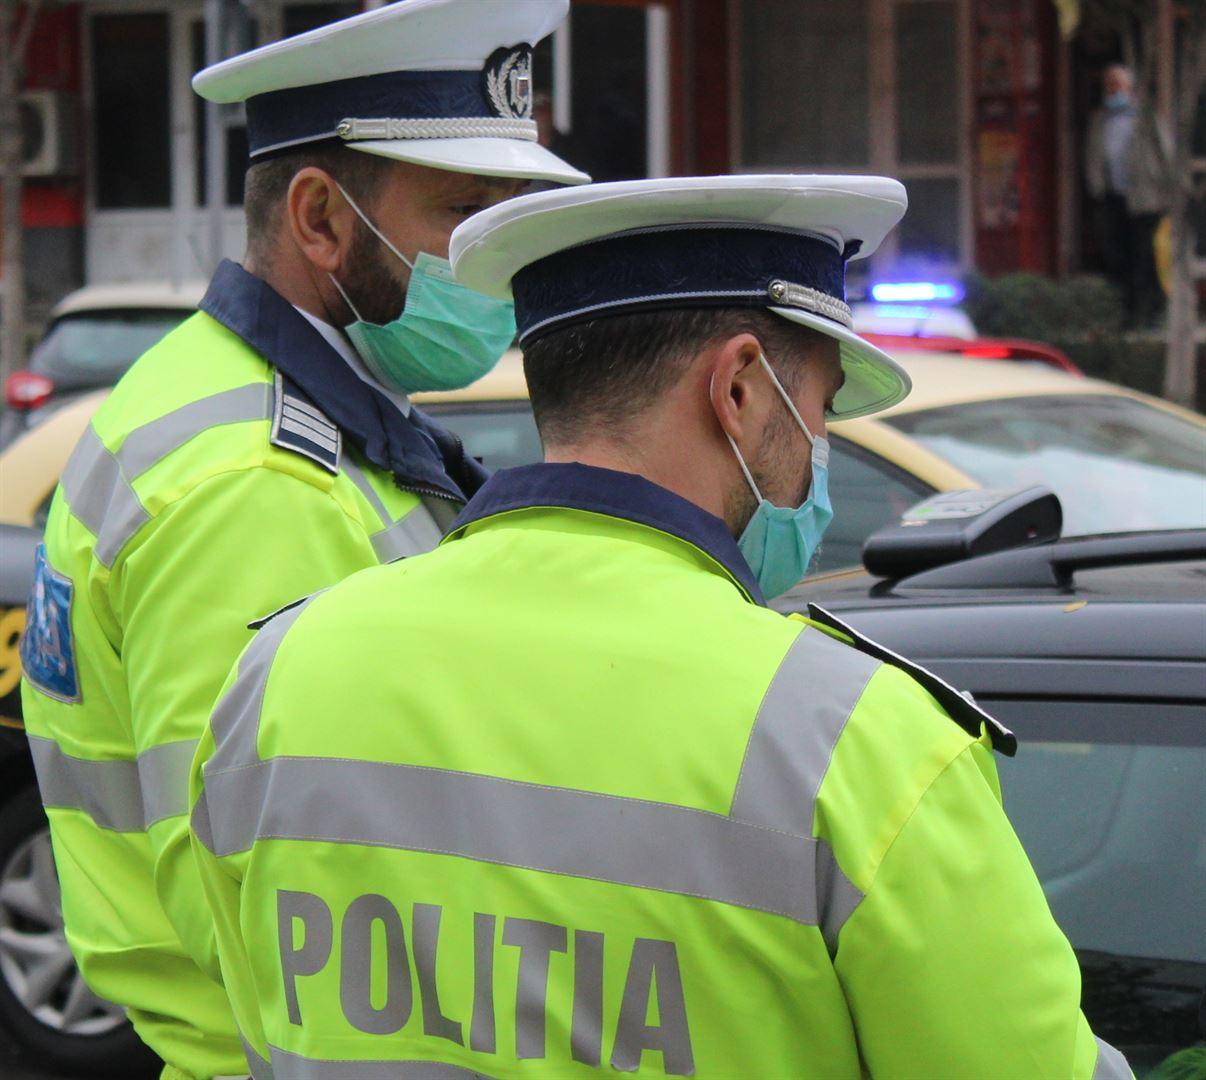 Au fost sancționate contravențional 43 de persoane care nu au respectat interdicțiile privind circulația persoanelor în afara locuinței în intervalul orar 23.00-05.00